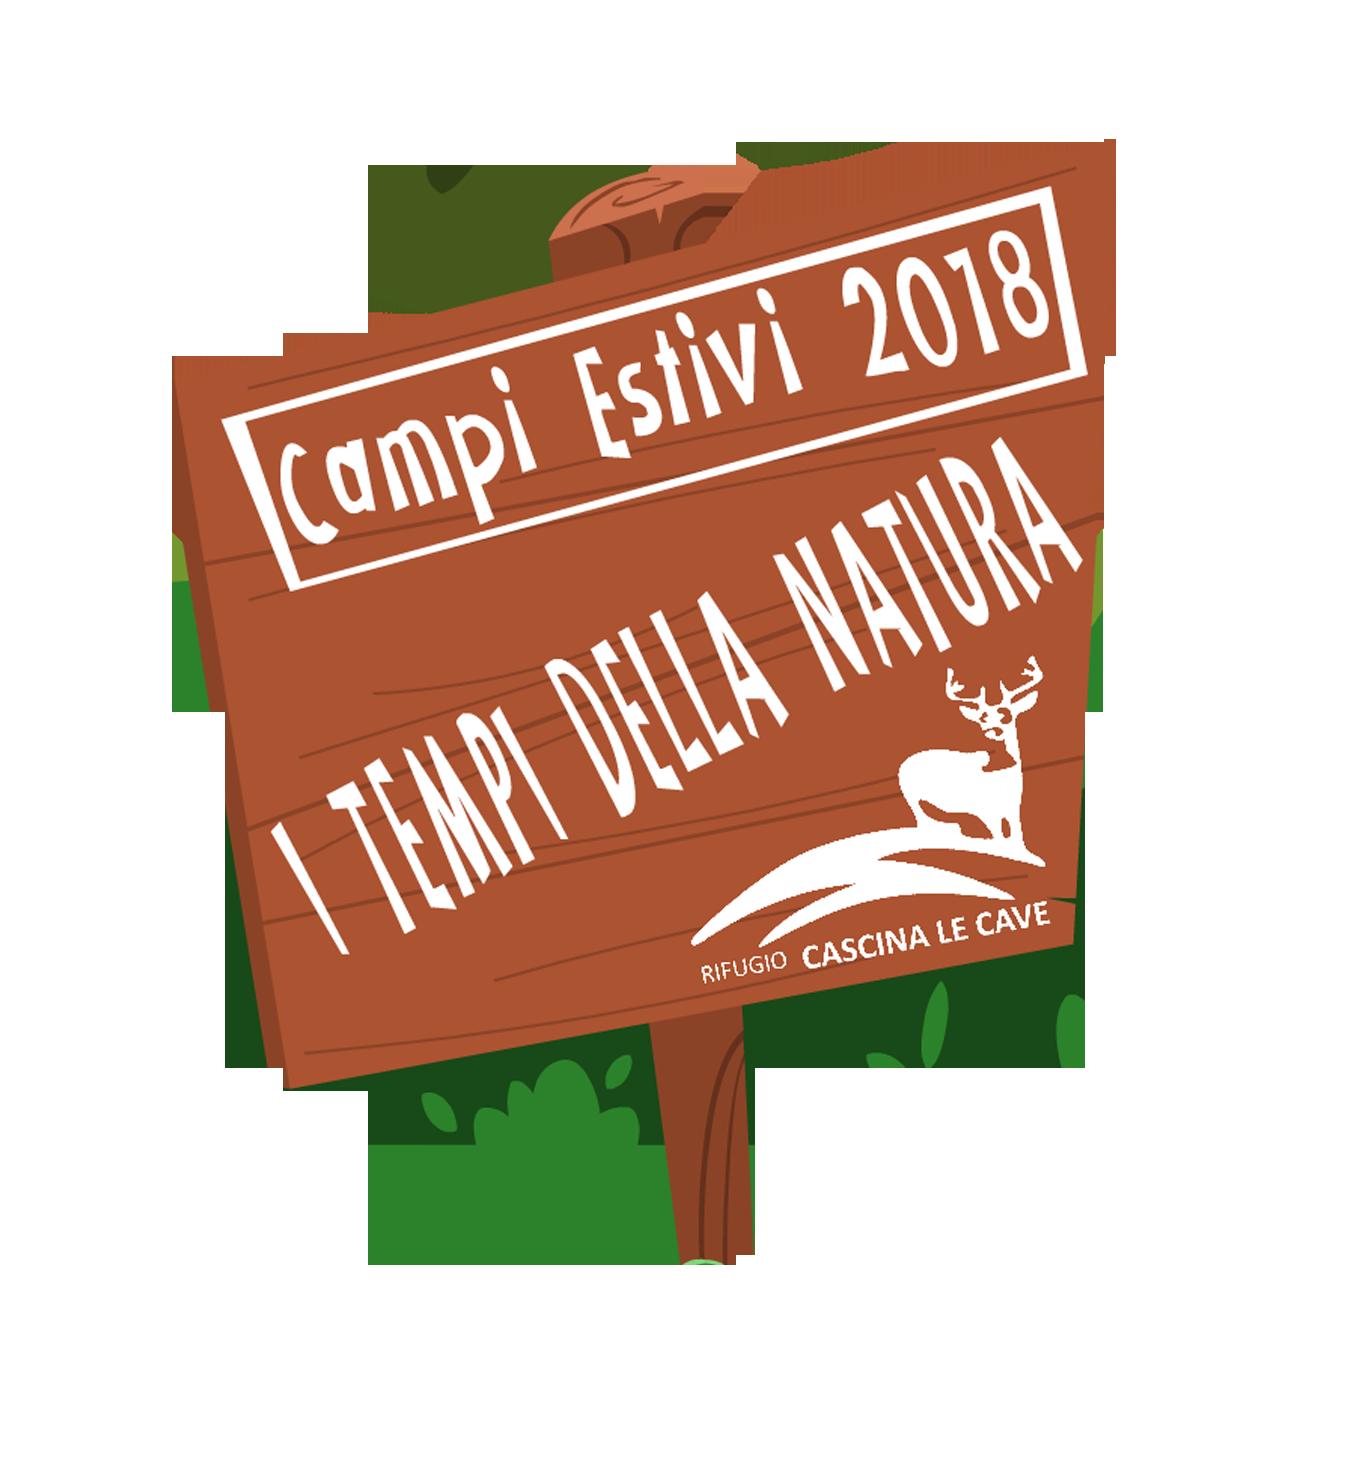 campi estivi 2017